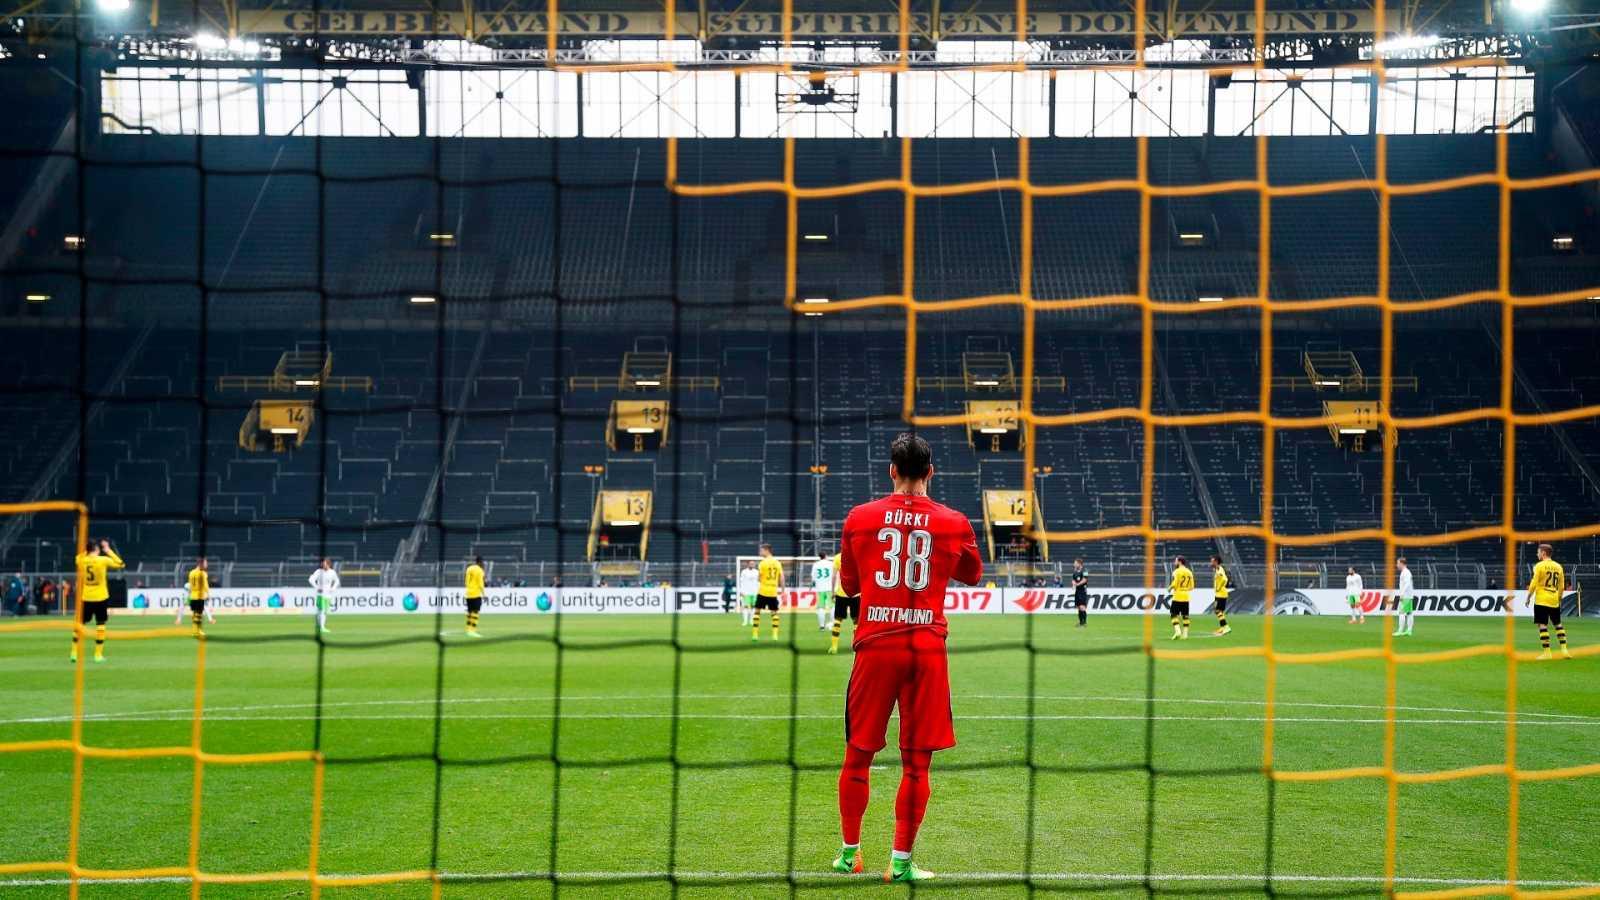 El portero del Borussia Dortmund, Roman Bürki, durante un partido con las gradas vacías